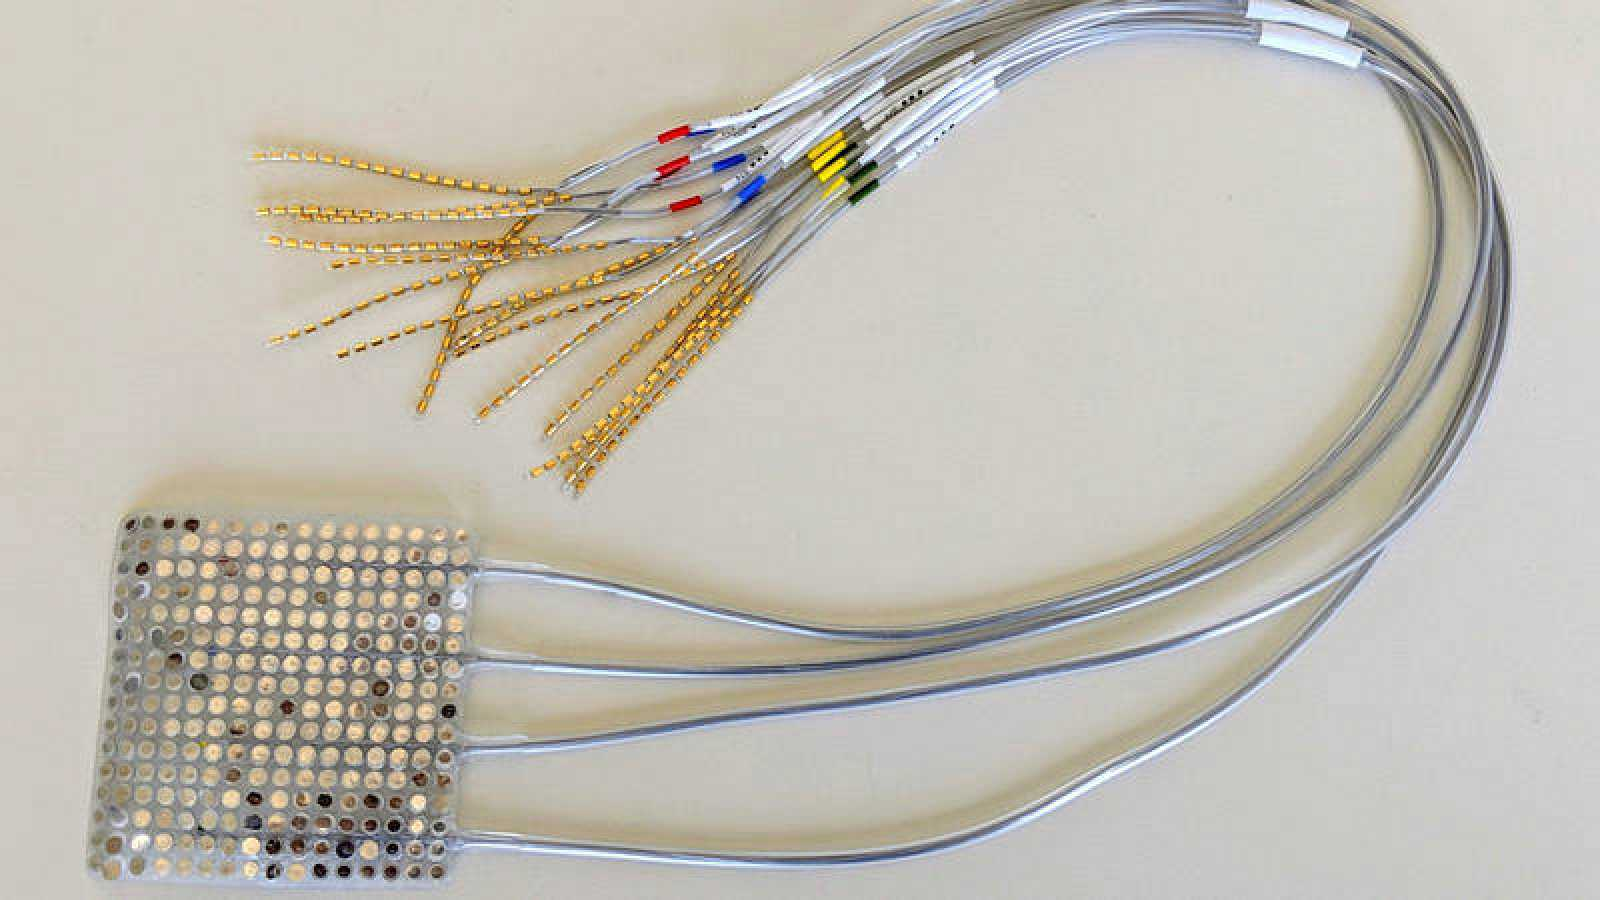 En el futuro, el dispositivo podría restaurar la función del habla en personas que la han perdido.